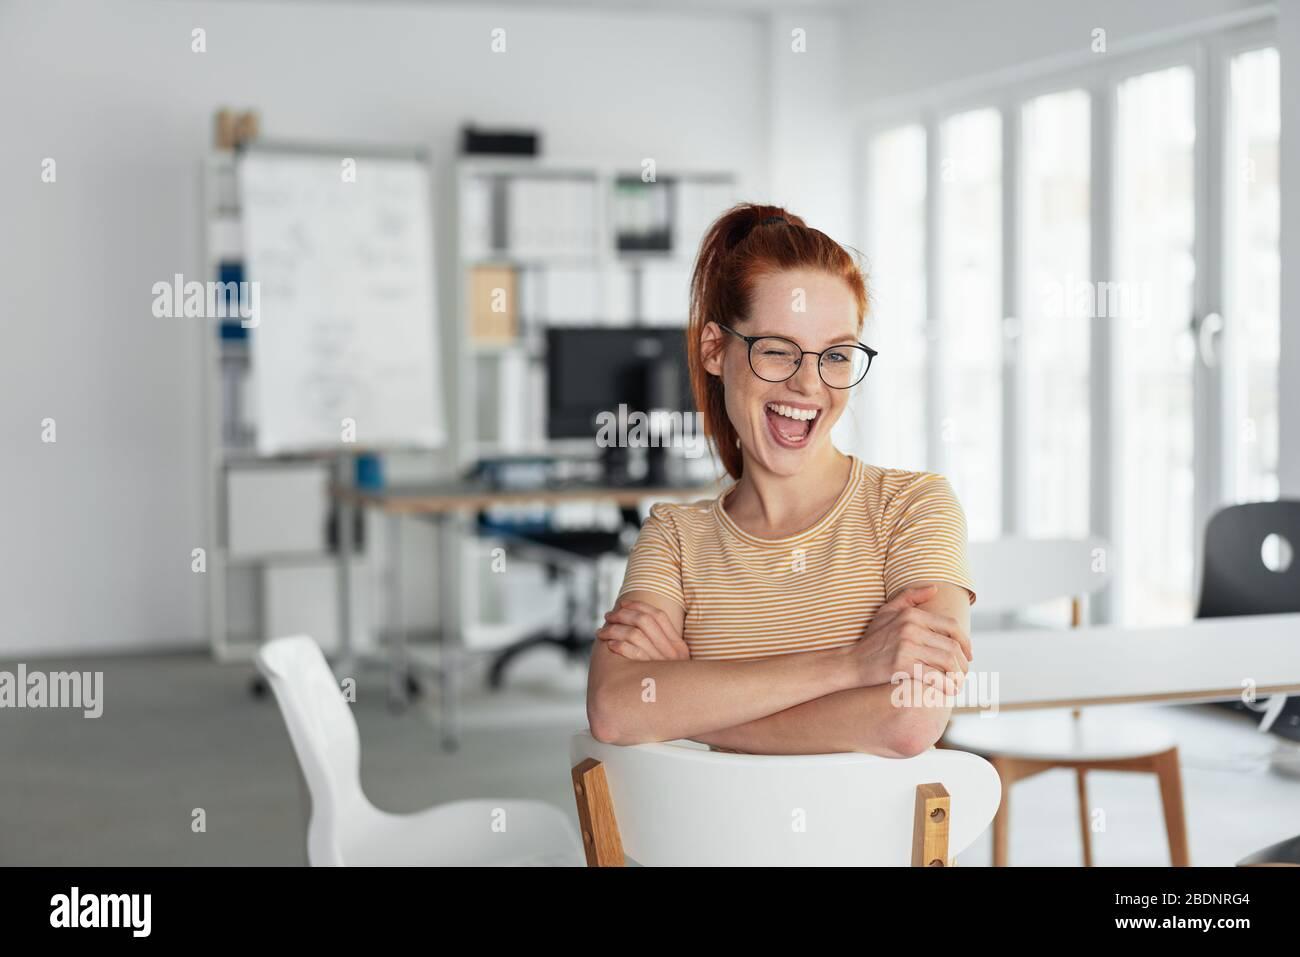 Giovane allegra donna che si annida alla macchina fotografica con un'espressione saucy mentre si siede distendendosi su una sedia in un ufficio chiave Foto Stock